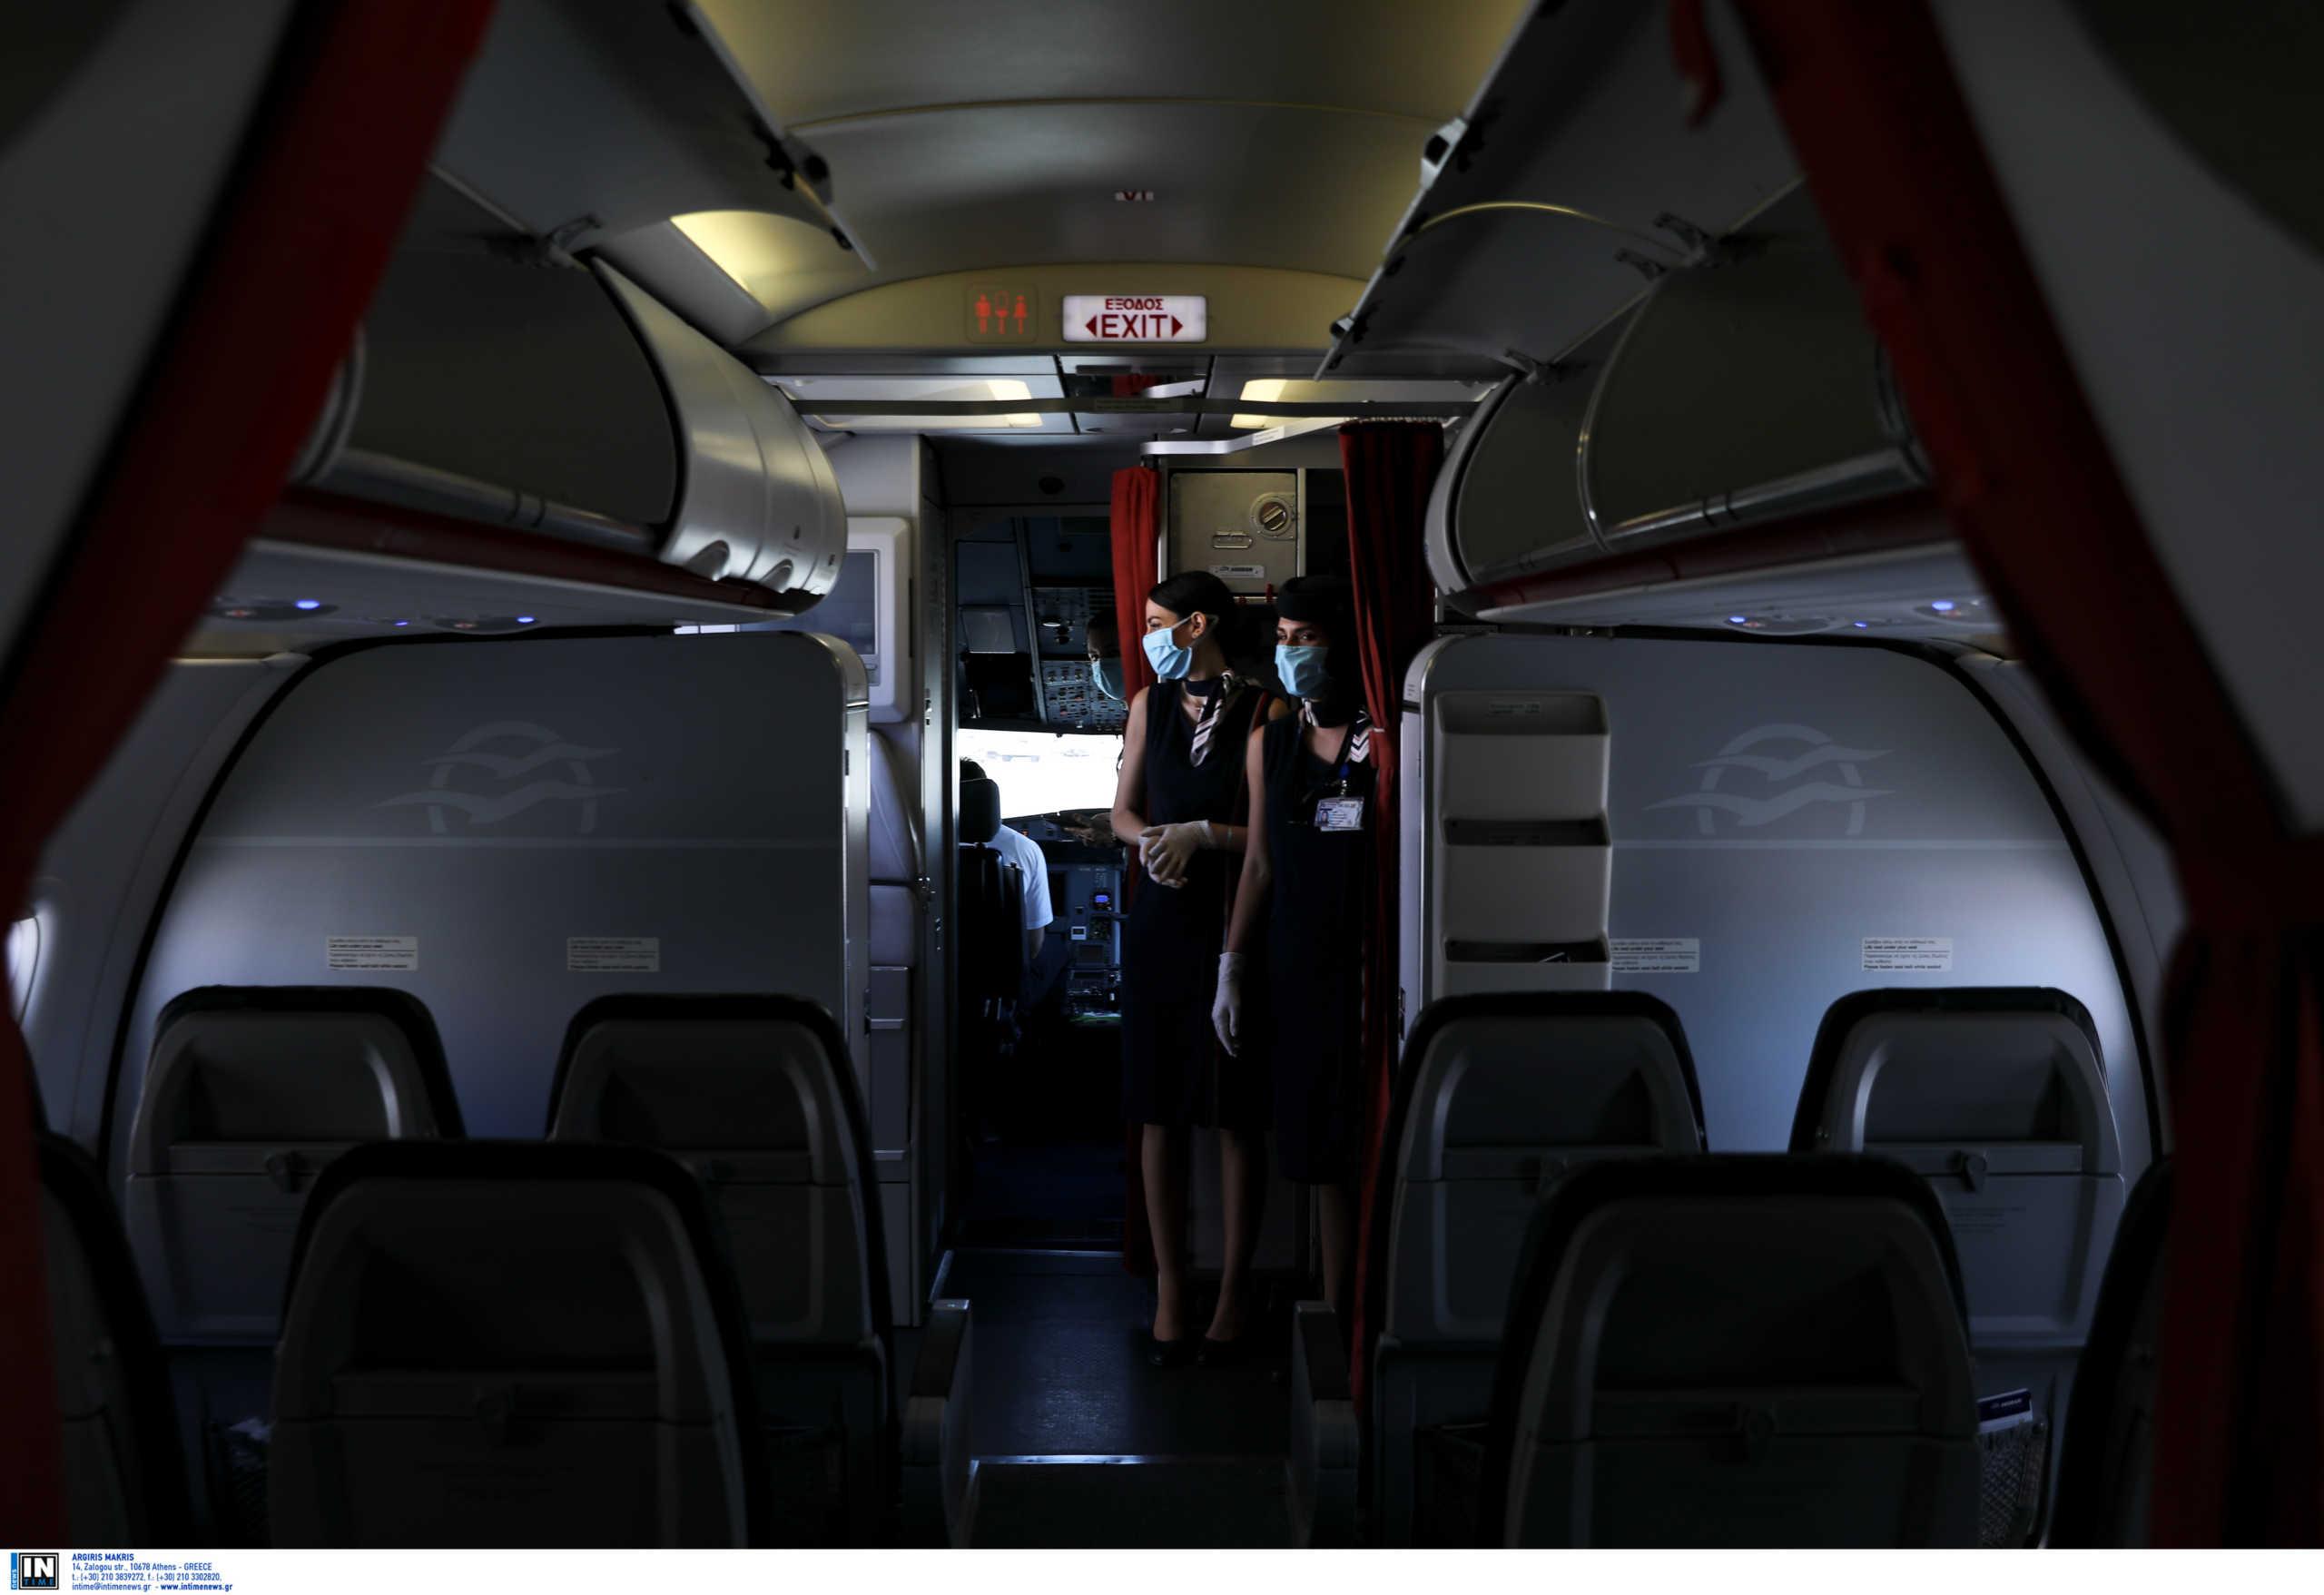 Κρήτη: Χαμός σε αεροπλάνο από Αθήνα για Ηράκλειο! Φωνές στους πιλότους και λιποθυμία γυναίκας